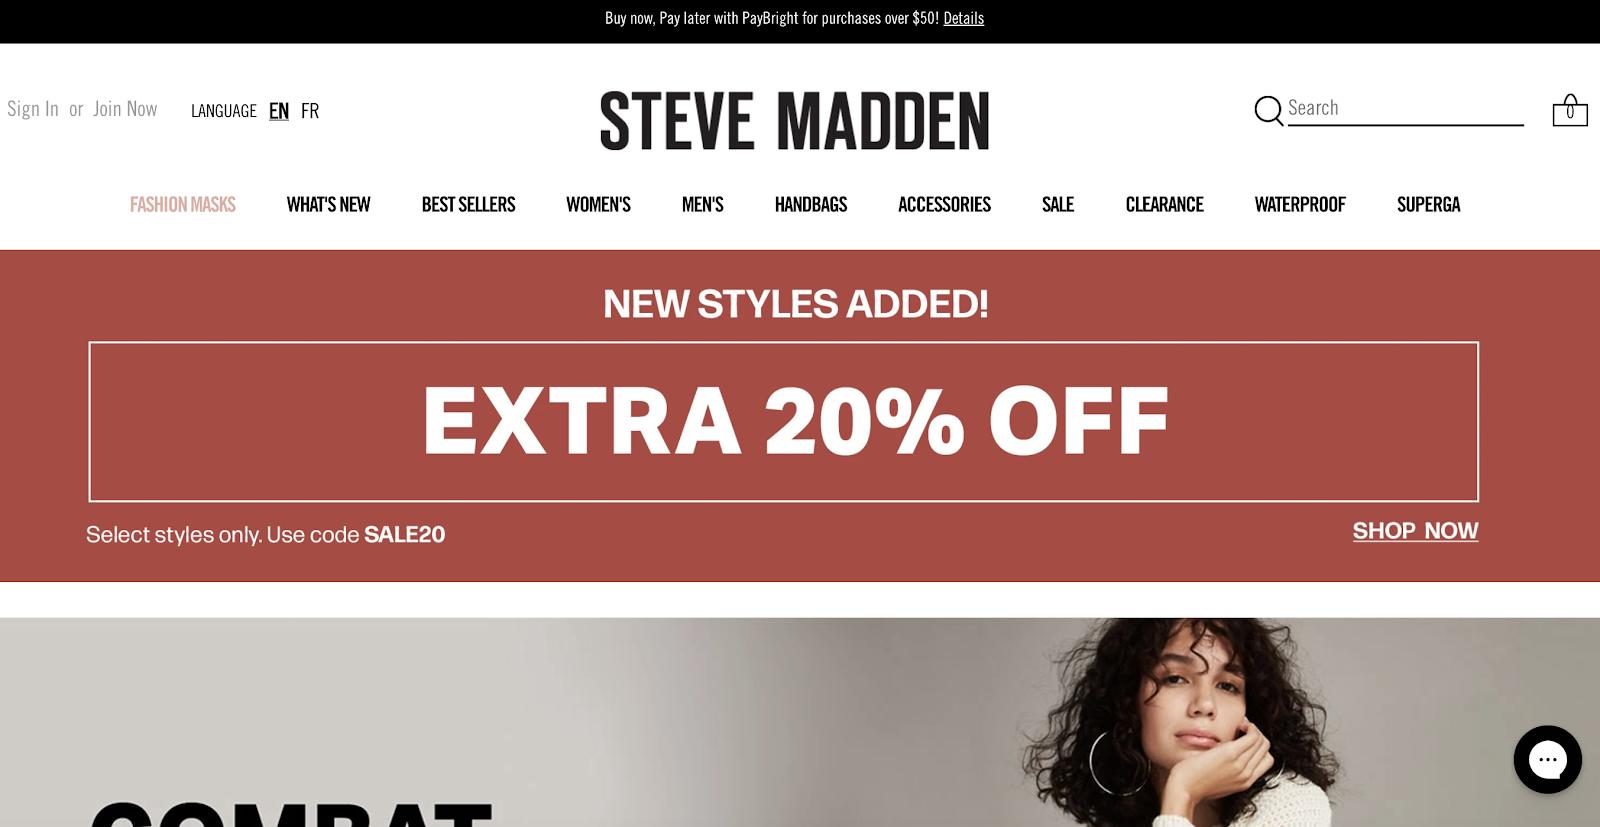 Steve Madden homepage screenshot